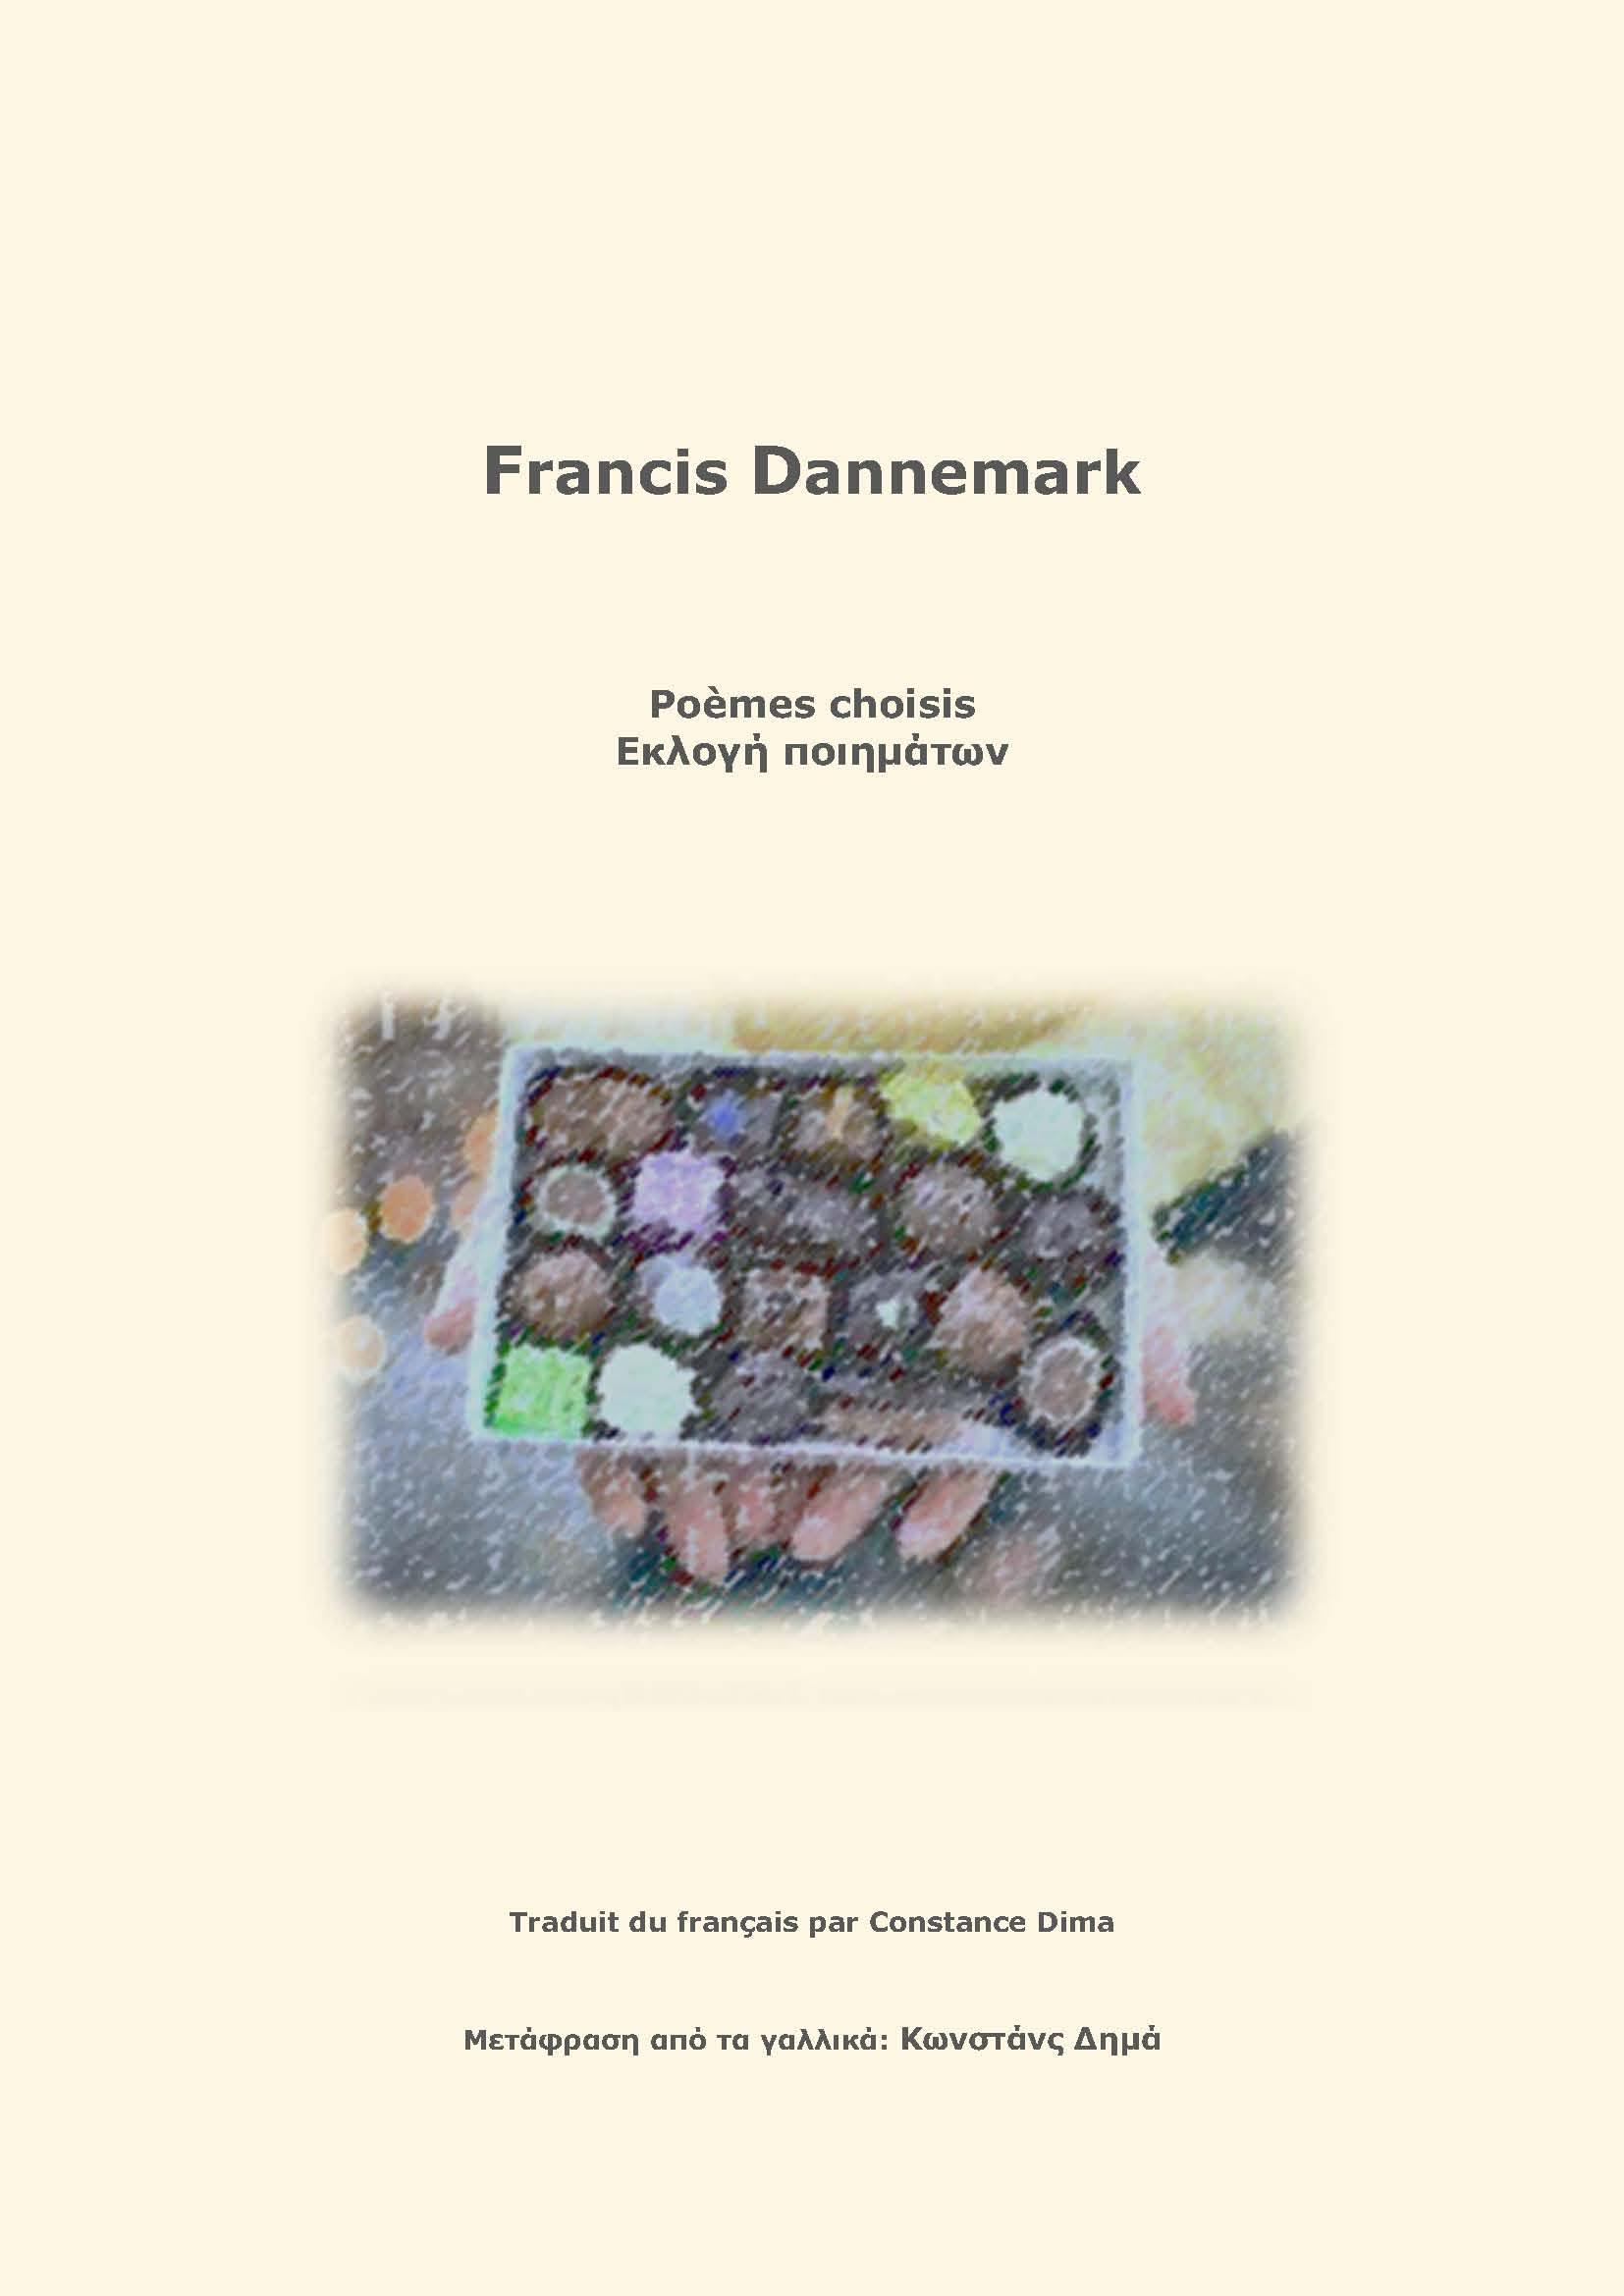 Избранные стихотворения автор Франсис Данмарк